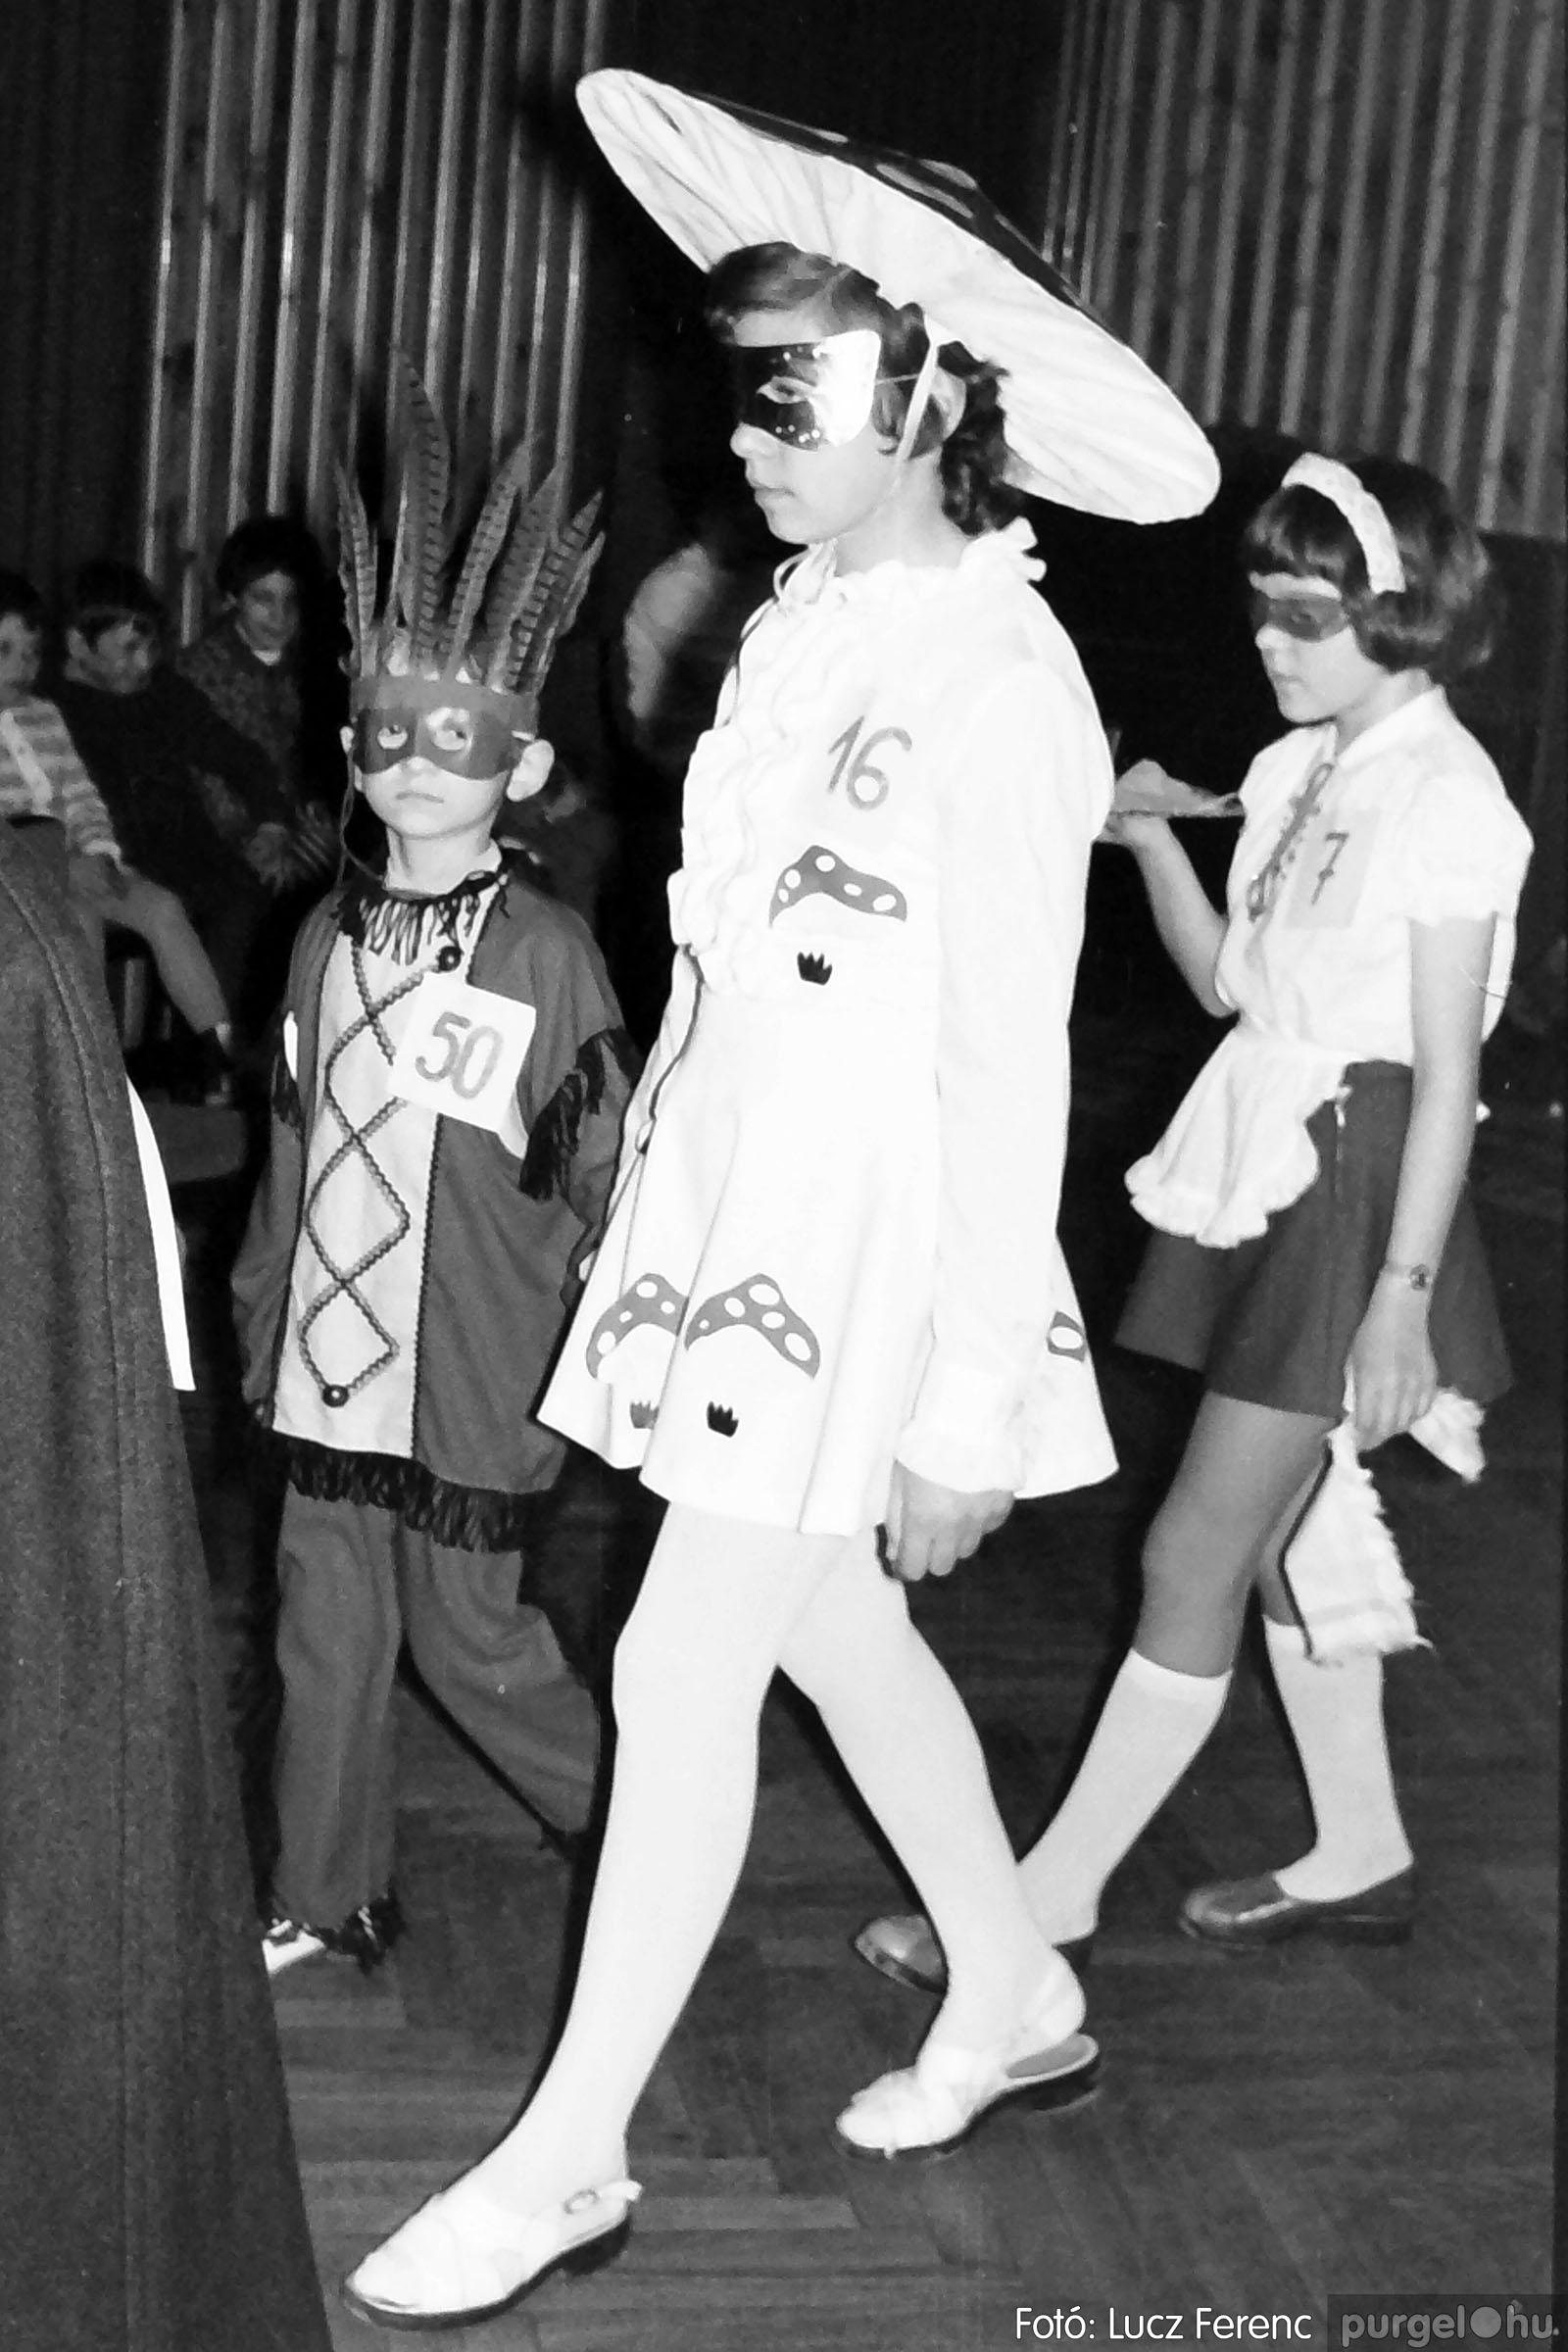 035. 1976. Iskolai farsang a kultúrházban 008 - Fotó: Lucz Ferenc.jpg